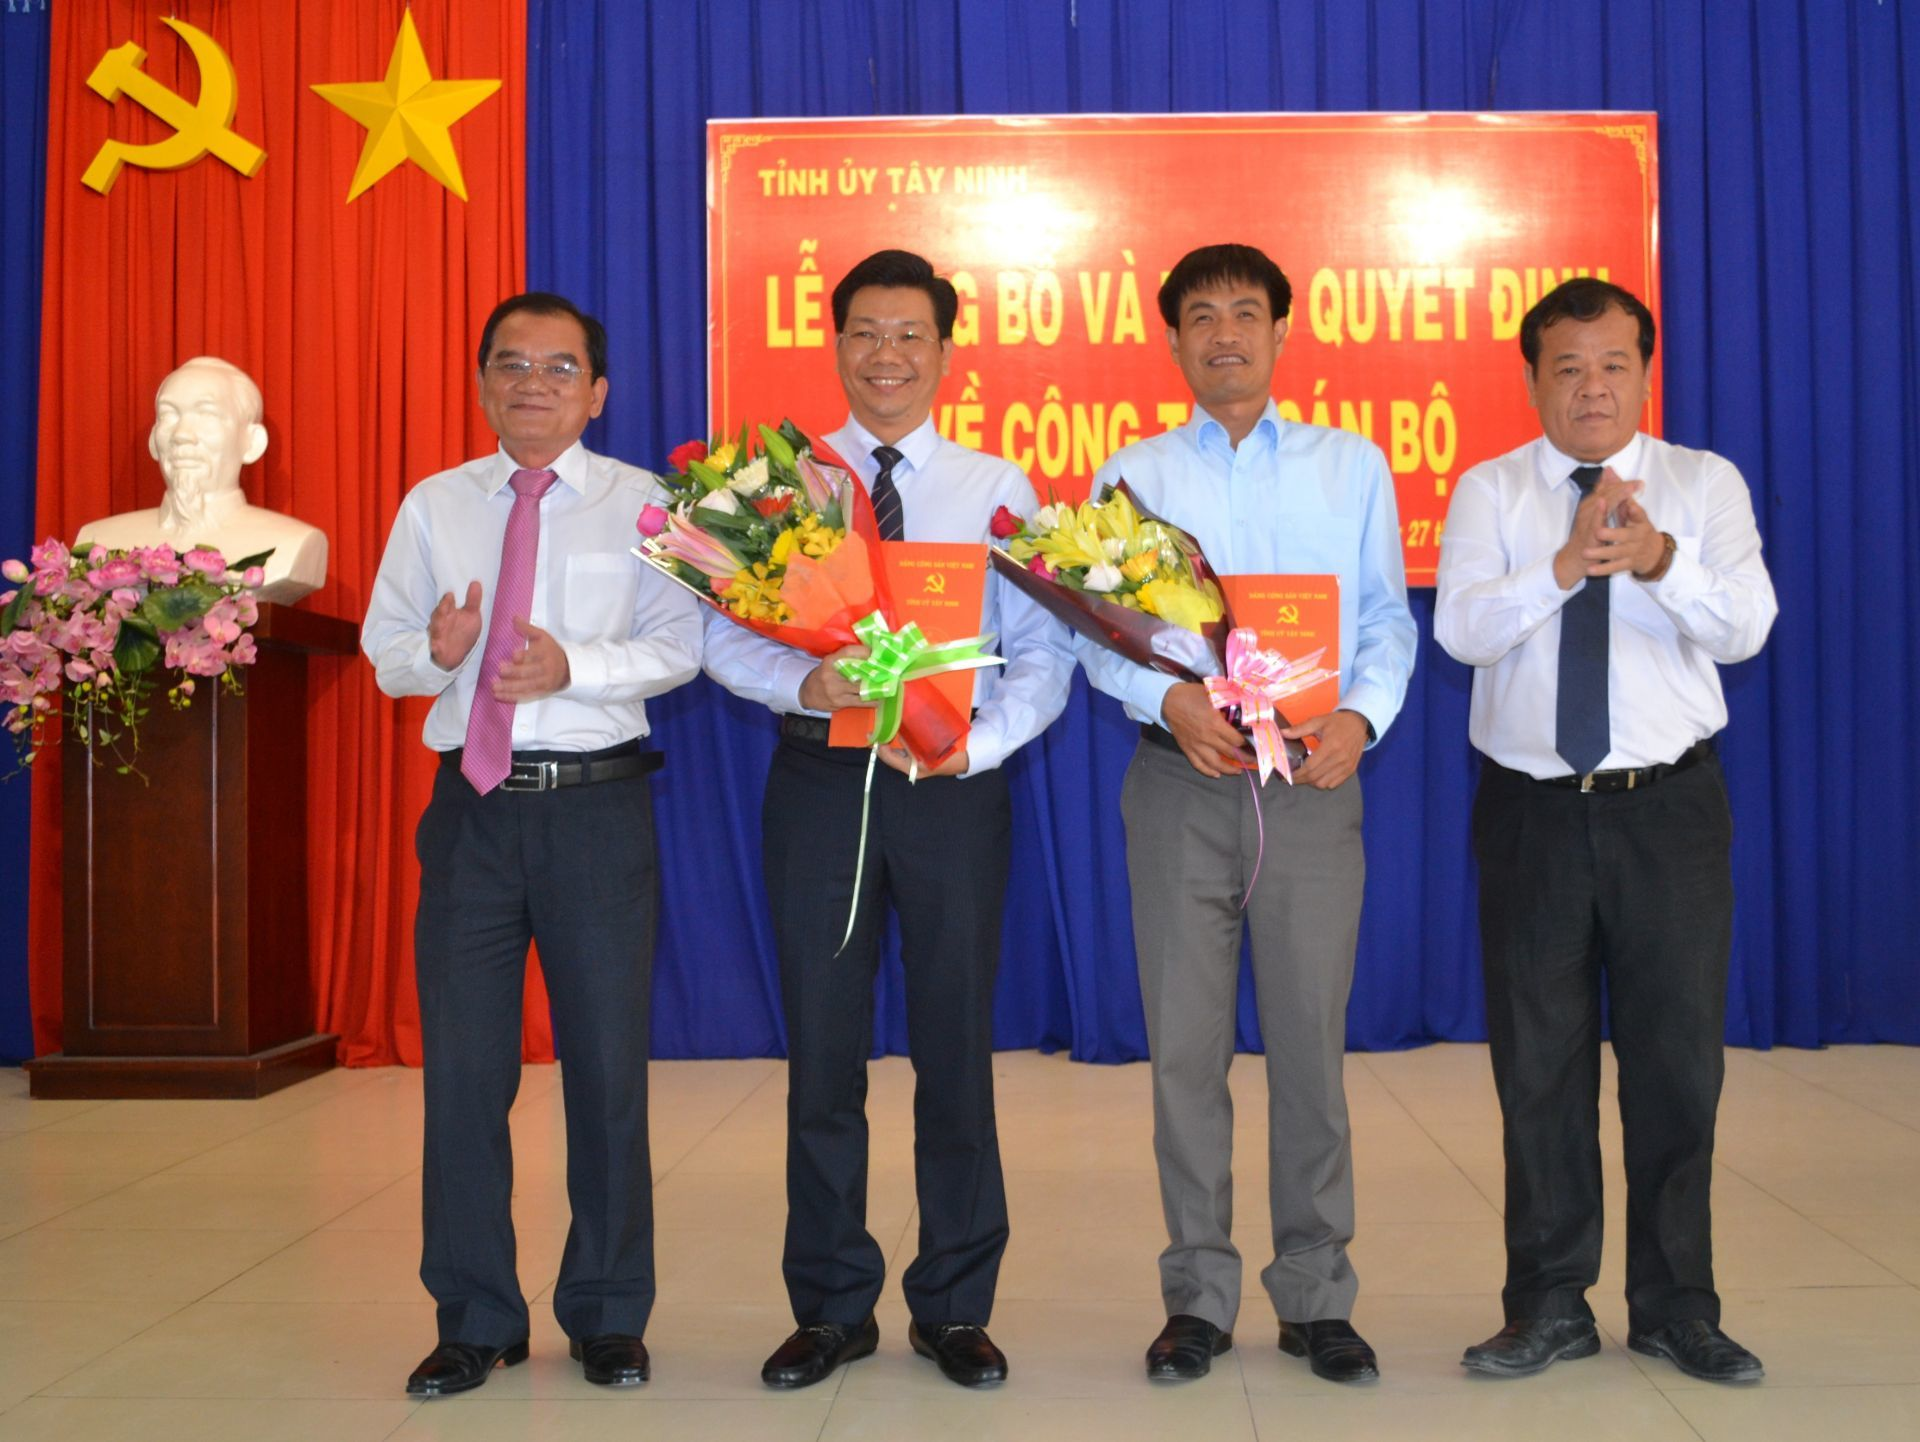 Gia Lai,Đồng Nai,Yên Bái,Bình Dương,Tây Ninh,bổ nhiệm,nhân sự